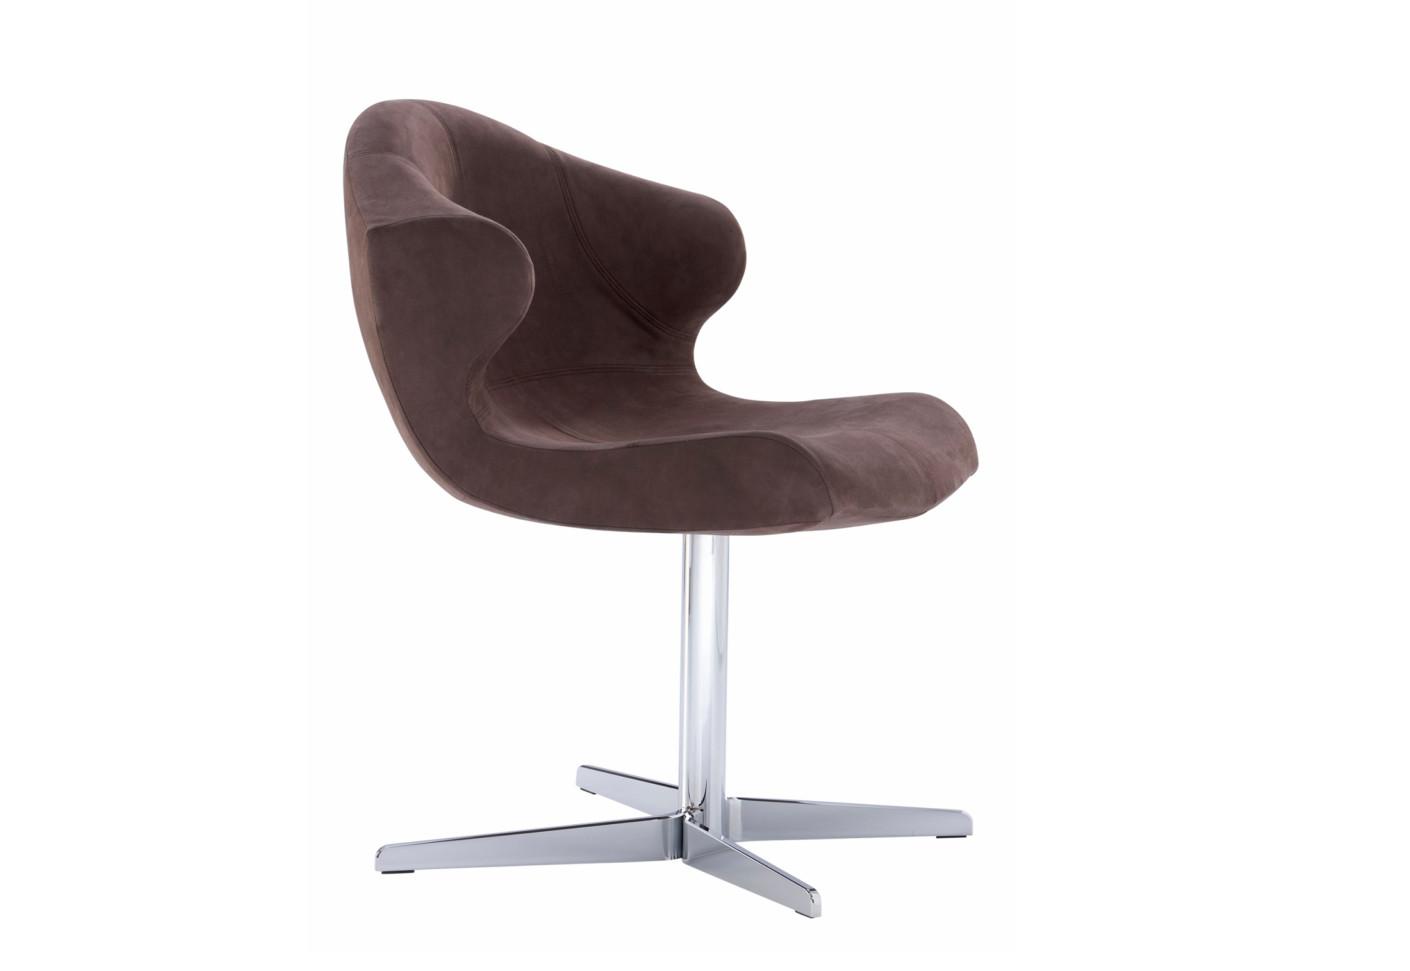 alster armchair by ligne roset stylepark. Black Bedroom Furniture Sets. Home Design Ideas